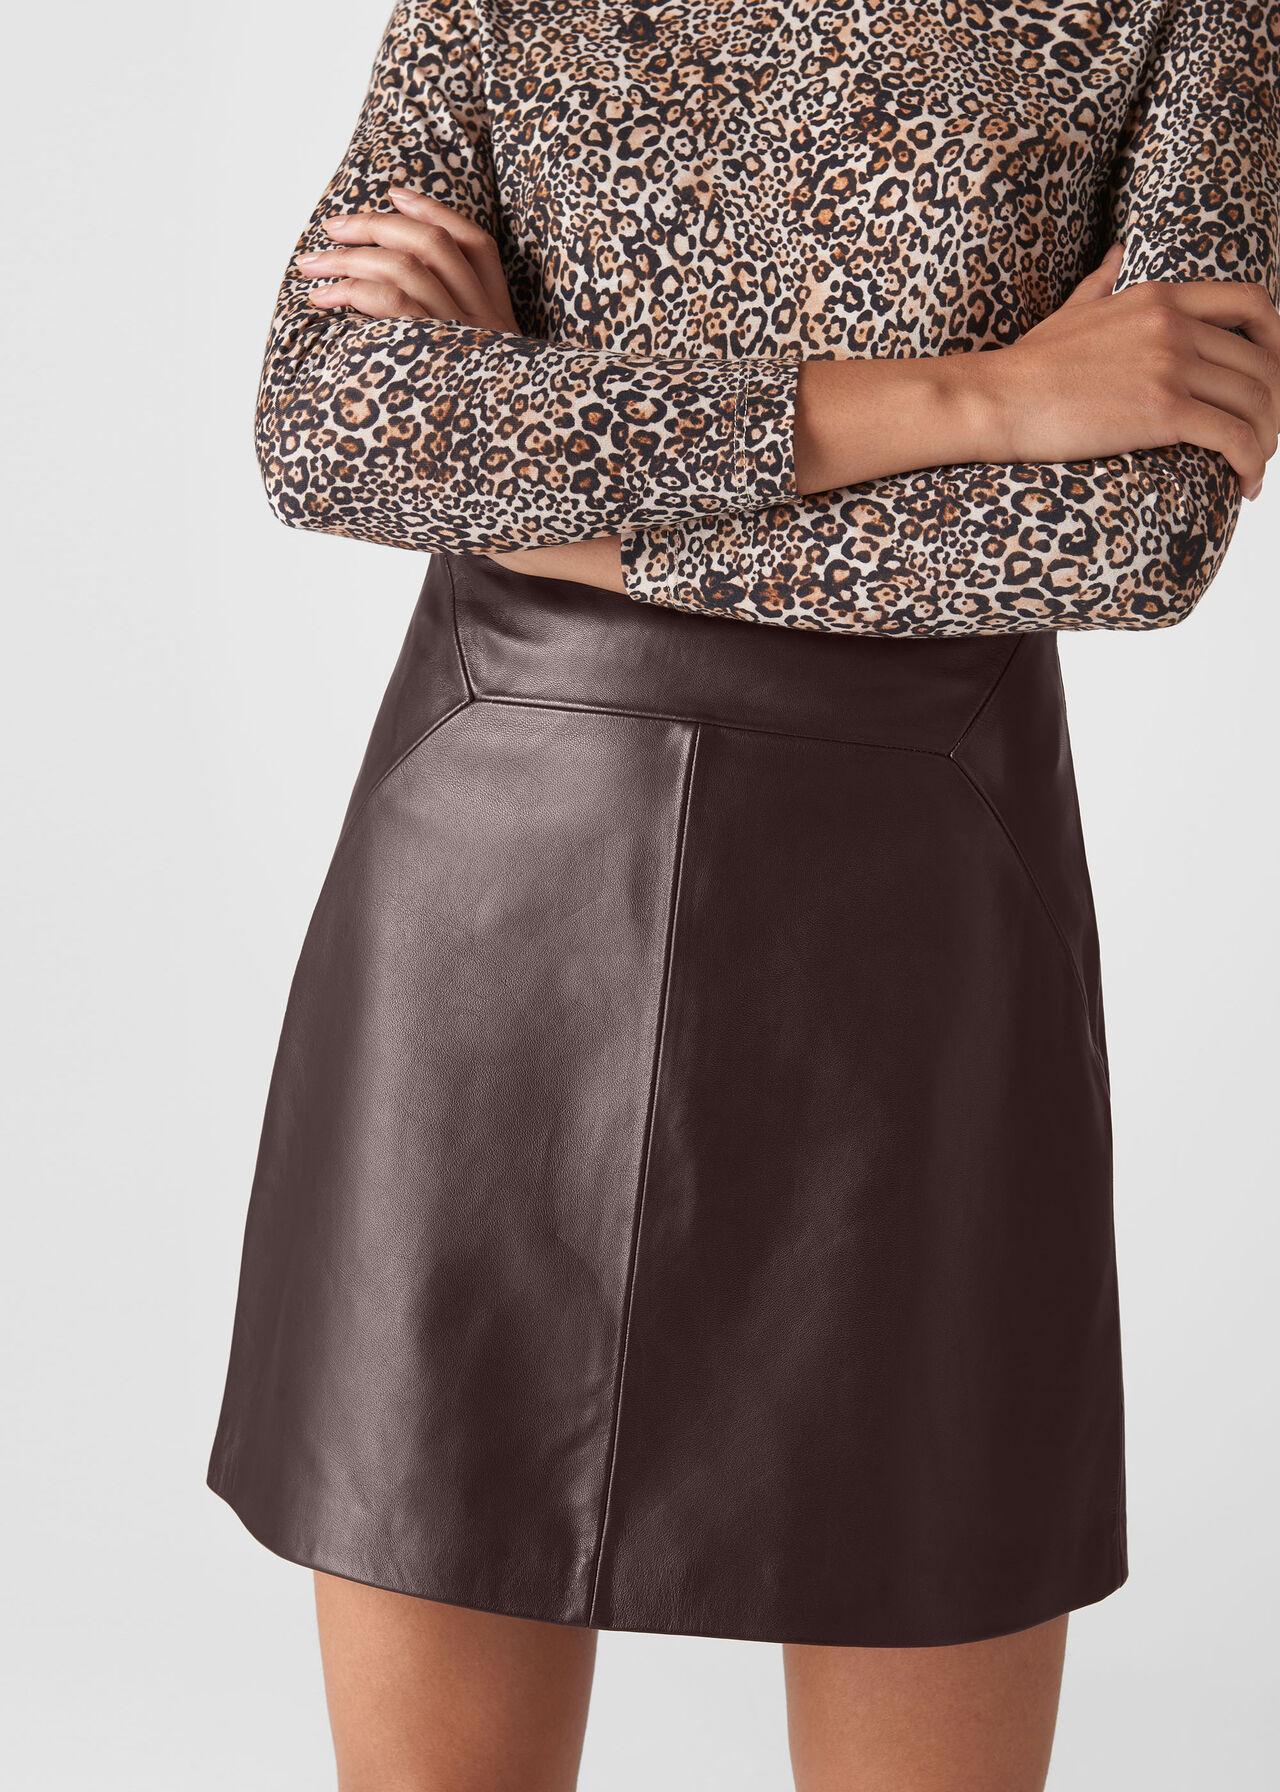 Leather A Line Skirt Burgundy